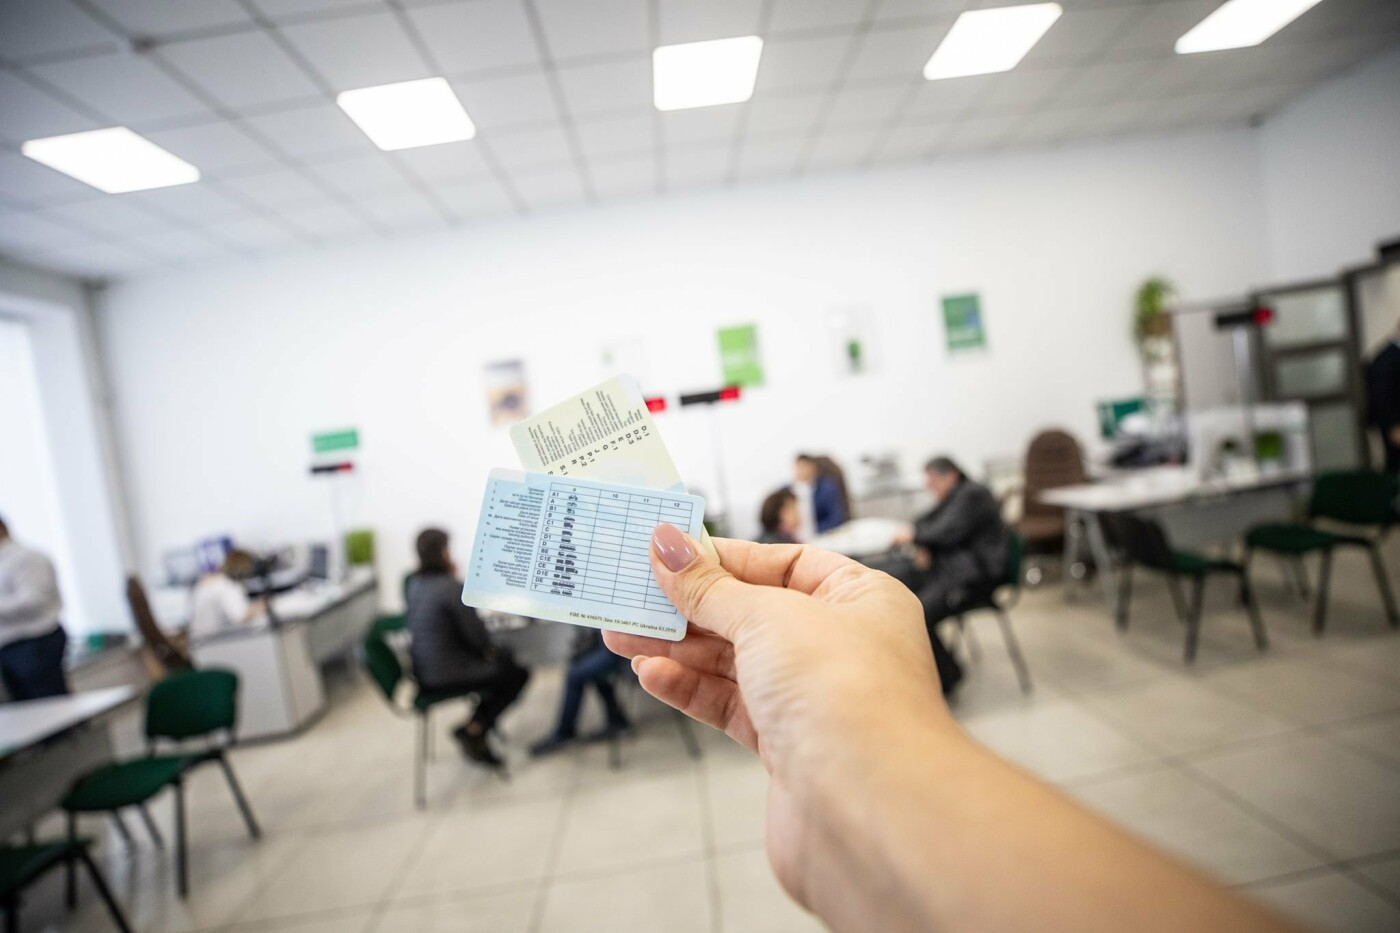 Безвиз с Доминиканой и электронные водительские права: что изменится для украинцев в ноябре, - ФОТО, фото-1